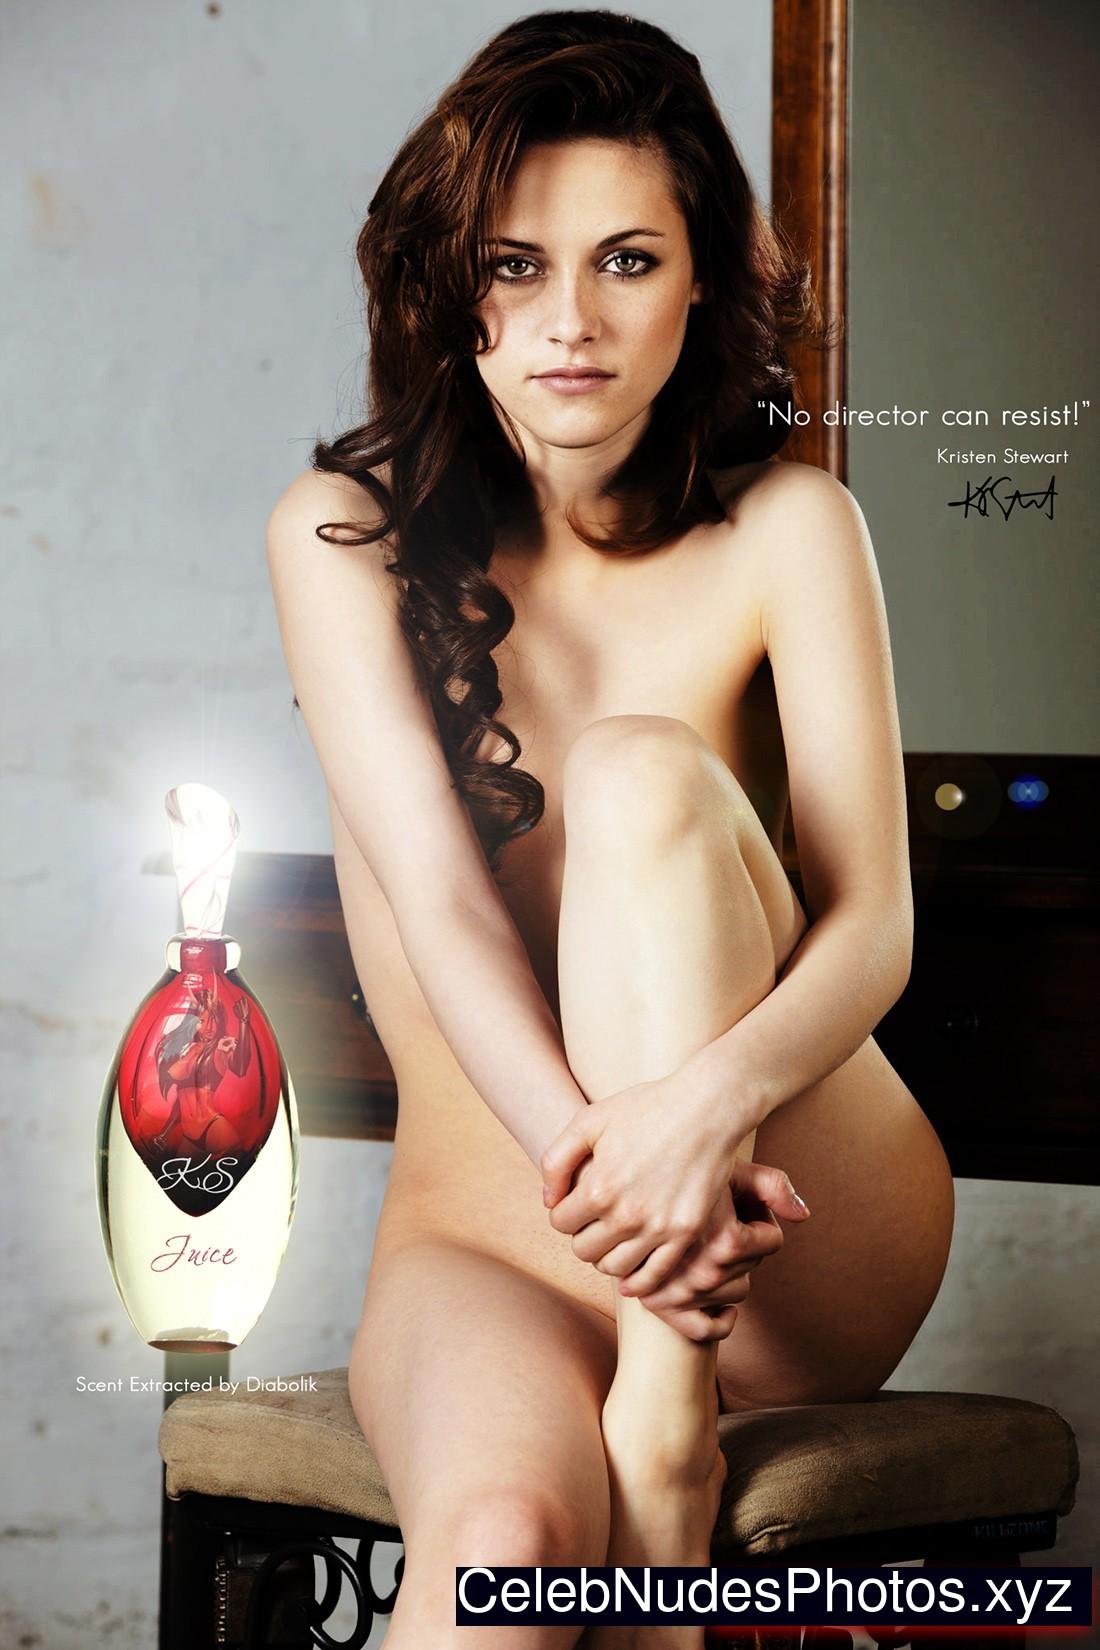 Kristen Stewart Naked Celebrity Pic sexy 26